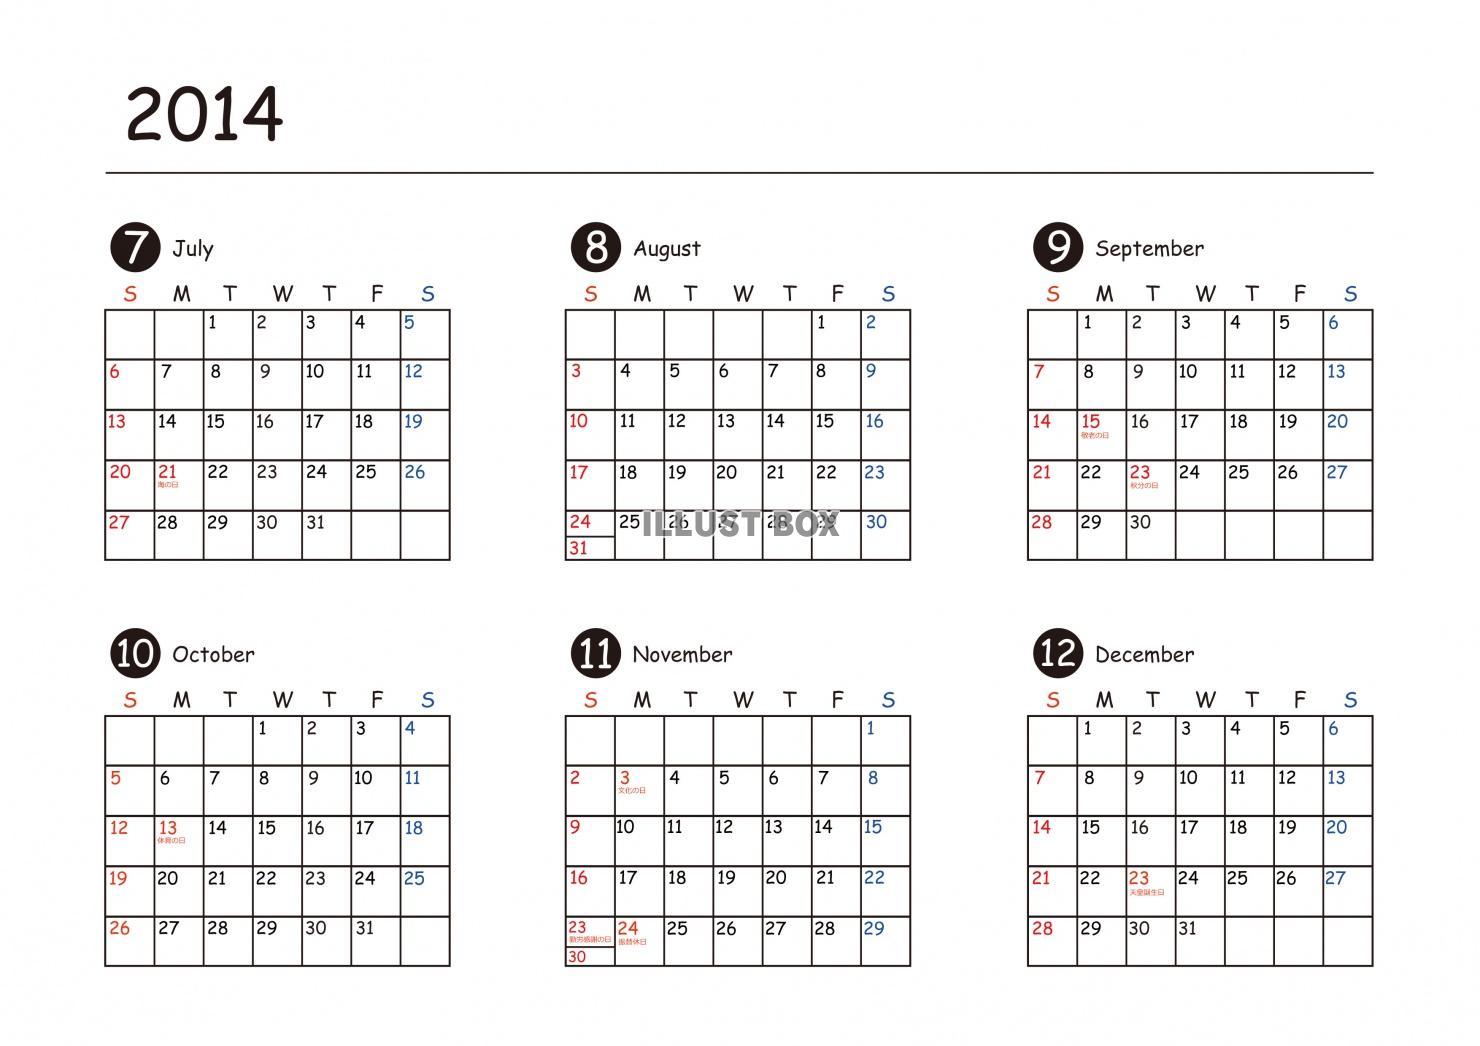 カレンダー カレンダー a4 横 : サンプル画像は線がギザギザに ...